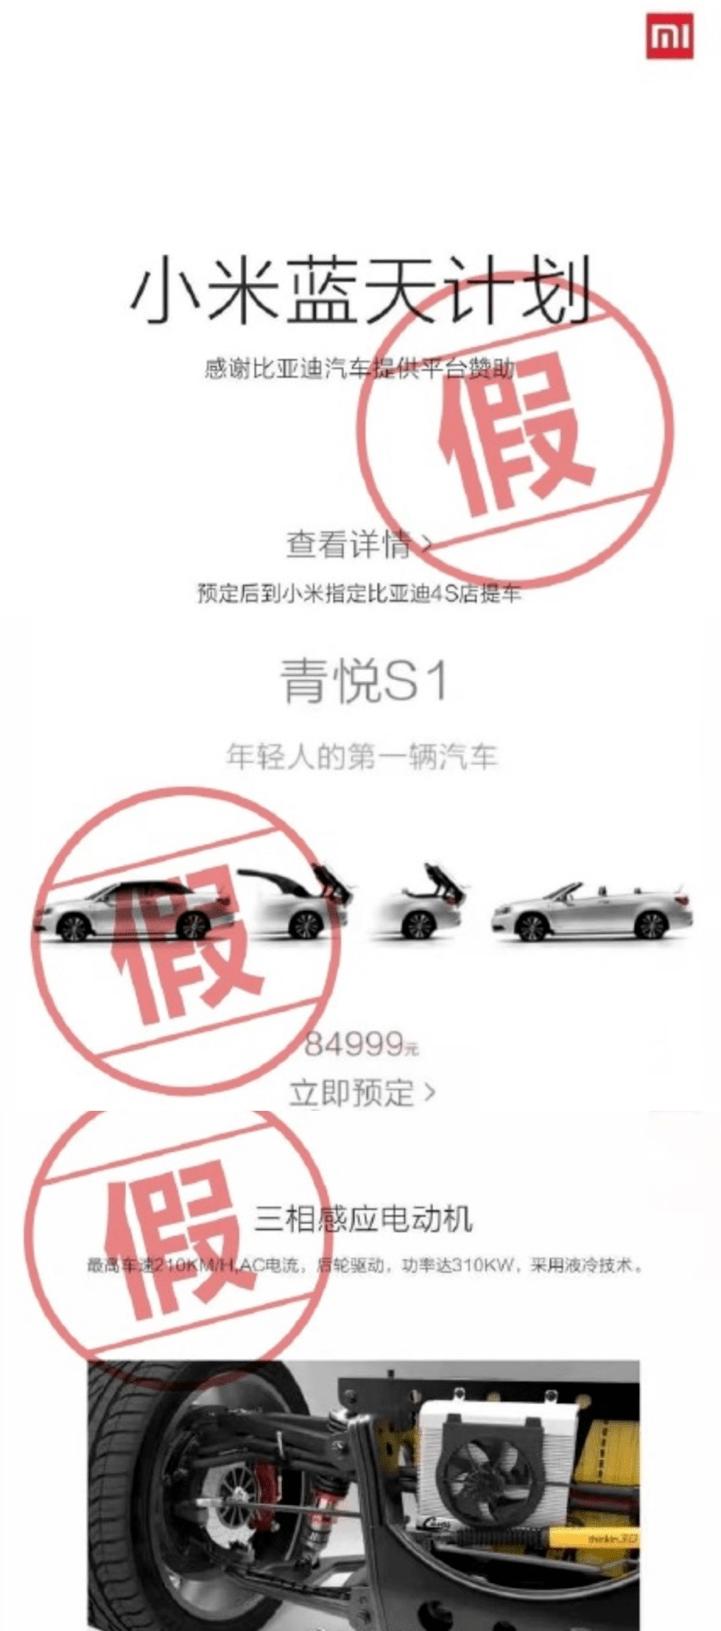 """小米被舆论绑架""""造车"""",李书福呛声:汽车不会重蹈手机覆辙"""